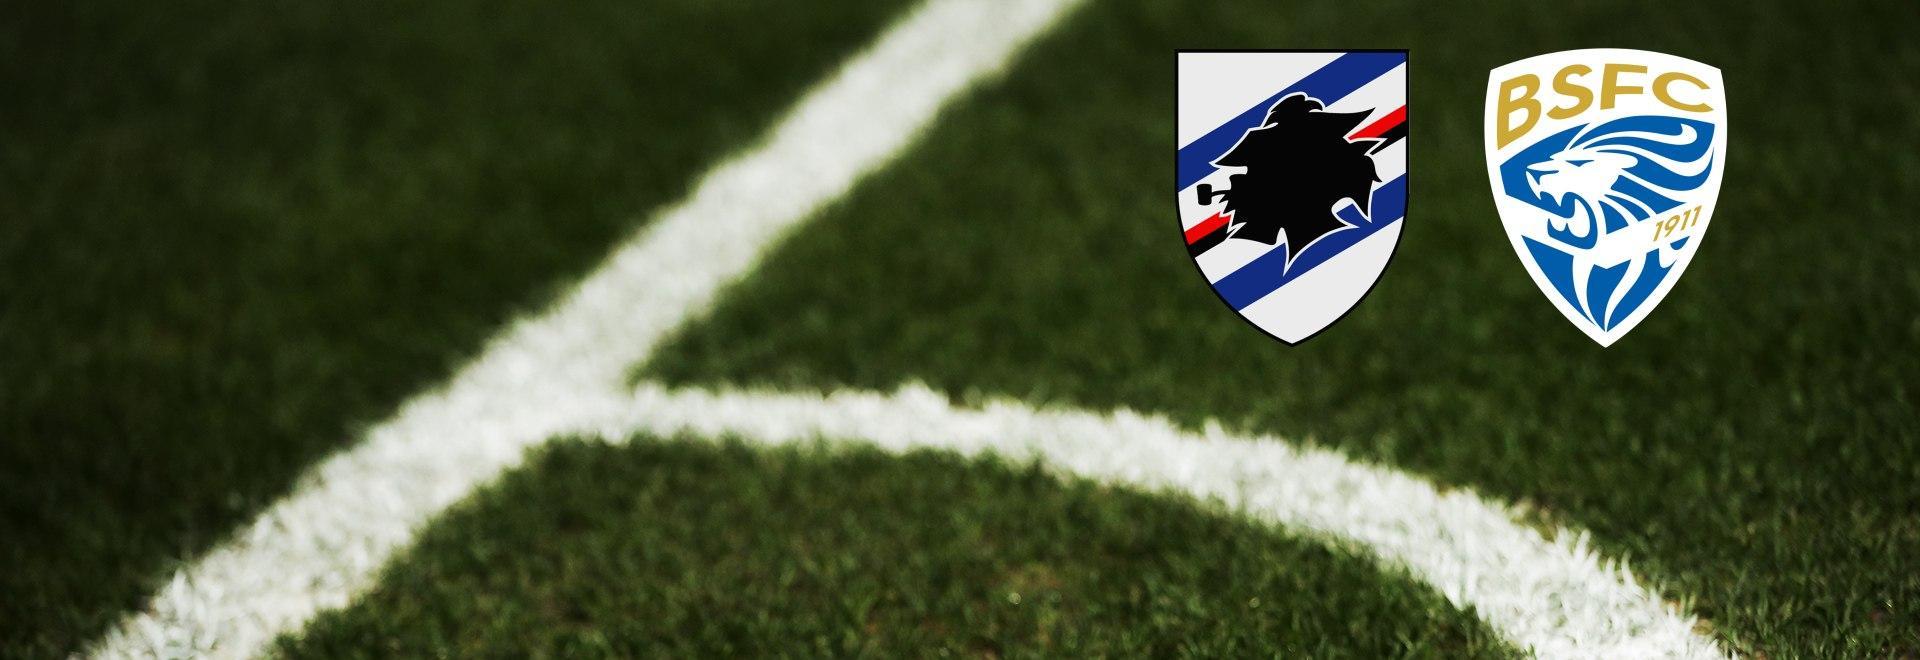 Sampdoria - Brescia. 19a g.